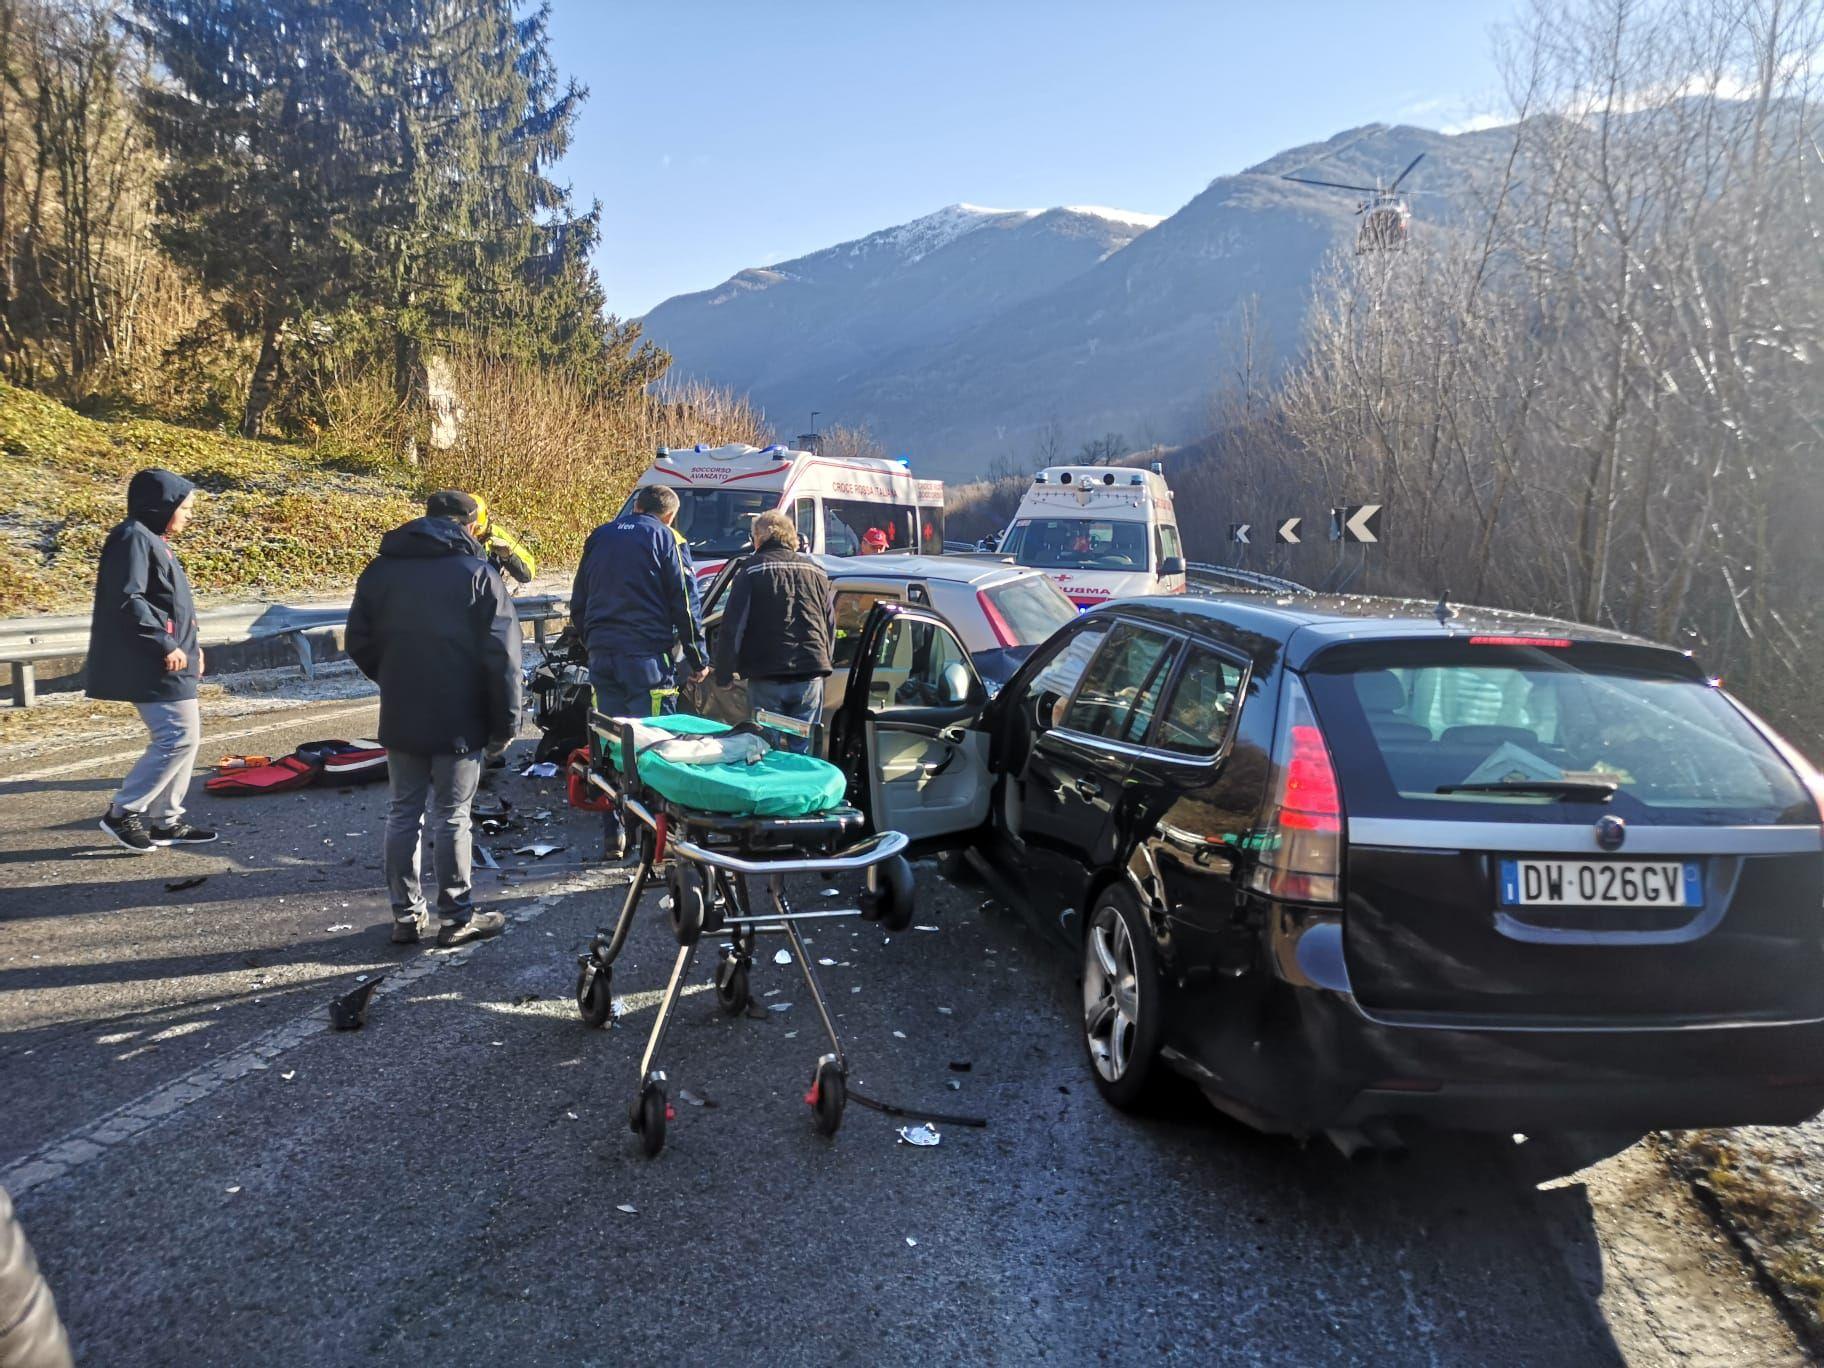 LOCANA-SPARONE - Incidente stradale sulla 460: tre feriti dopo lo schianto tra due vetture - FOTO e VIDEO